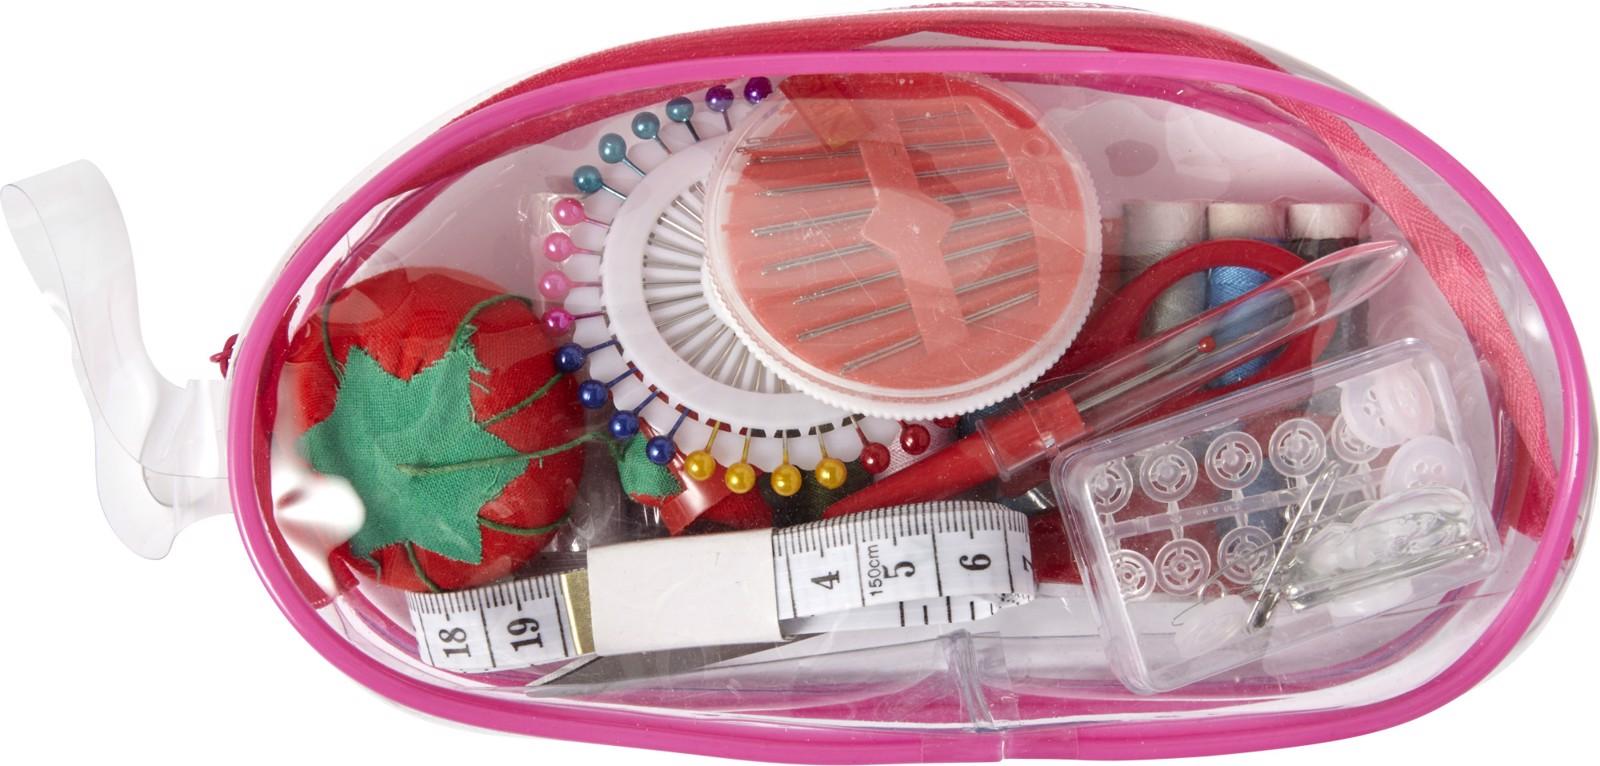 Sewing set - Pink